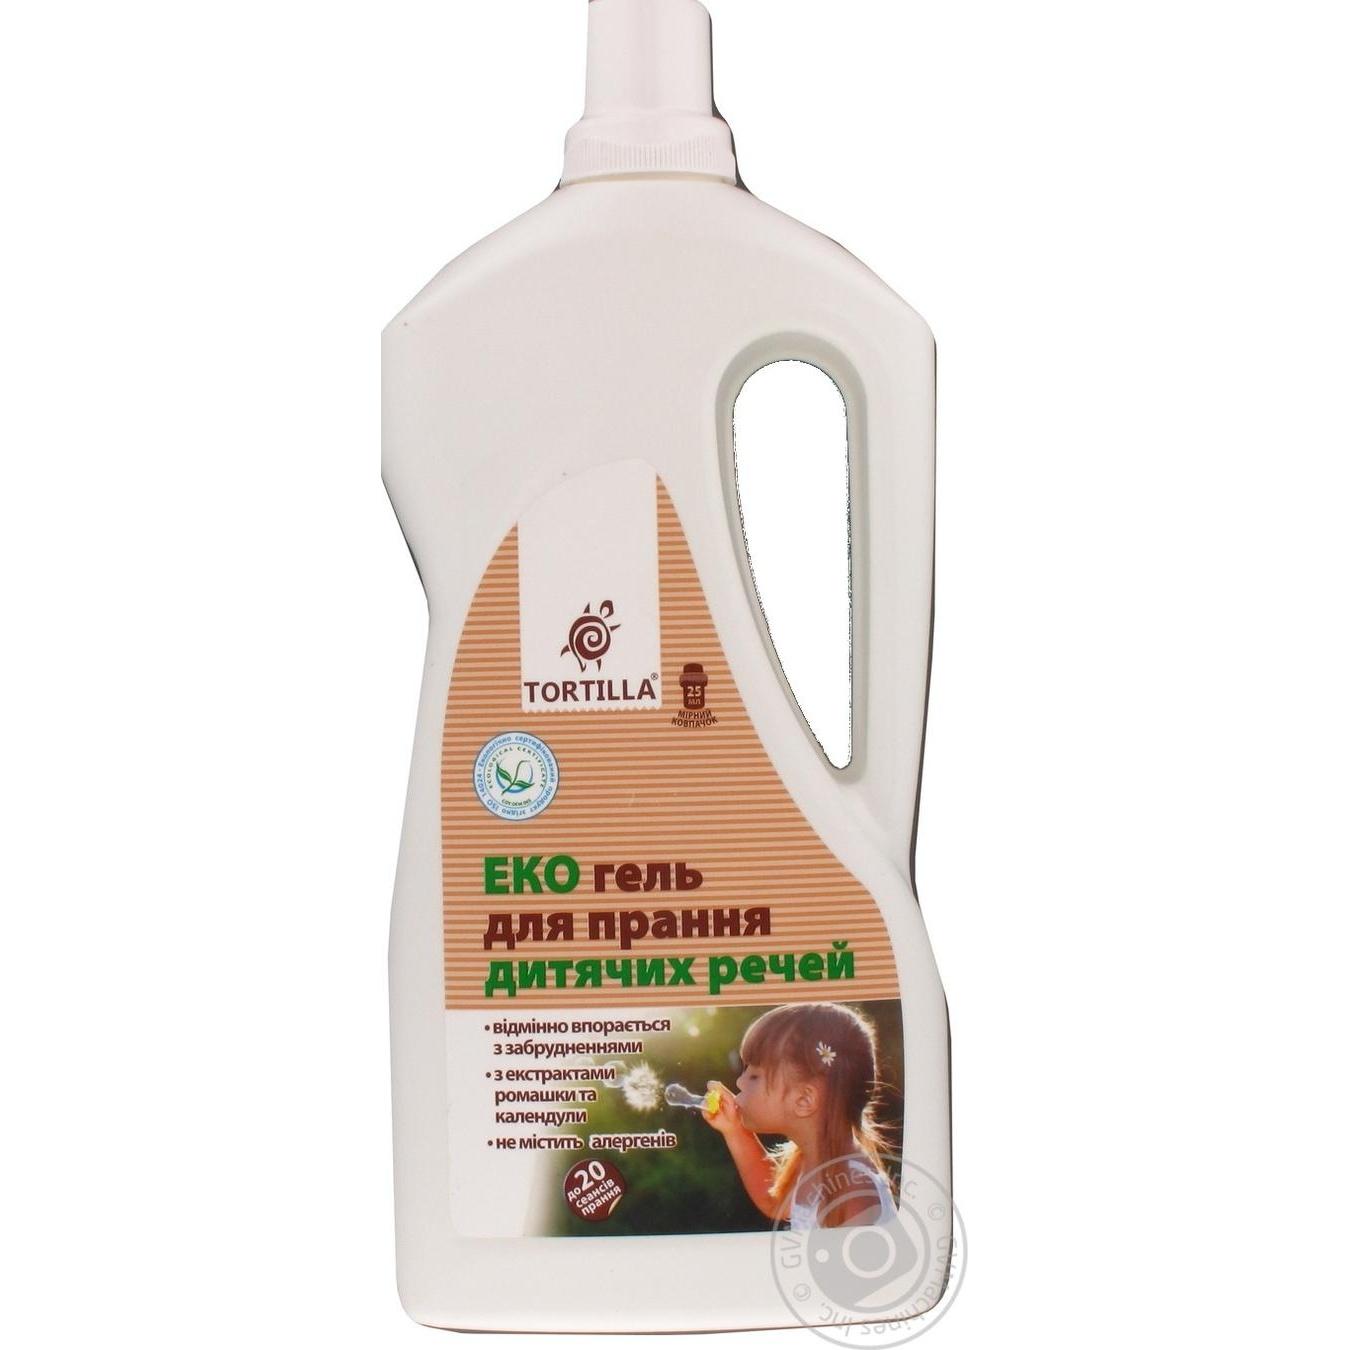 Гель для прання Tortilla Еко для прання дитячих речей 1000мл → Для ... b15b9f46b019f